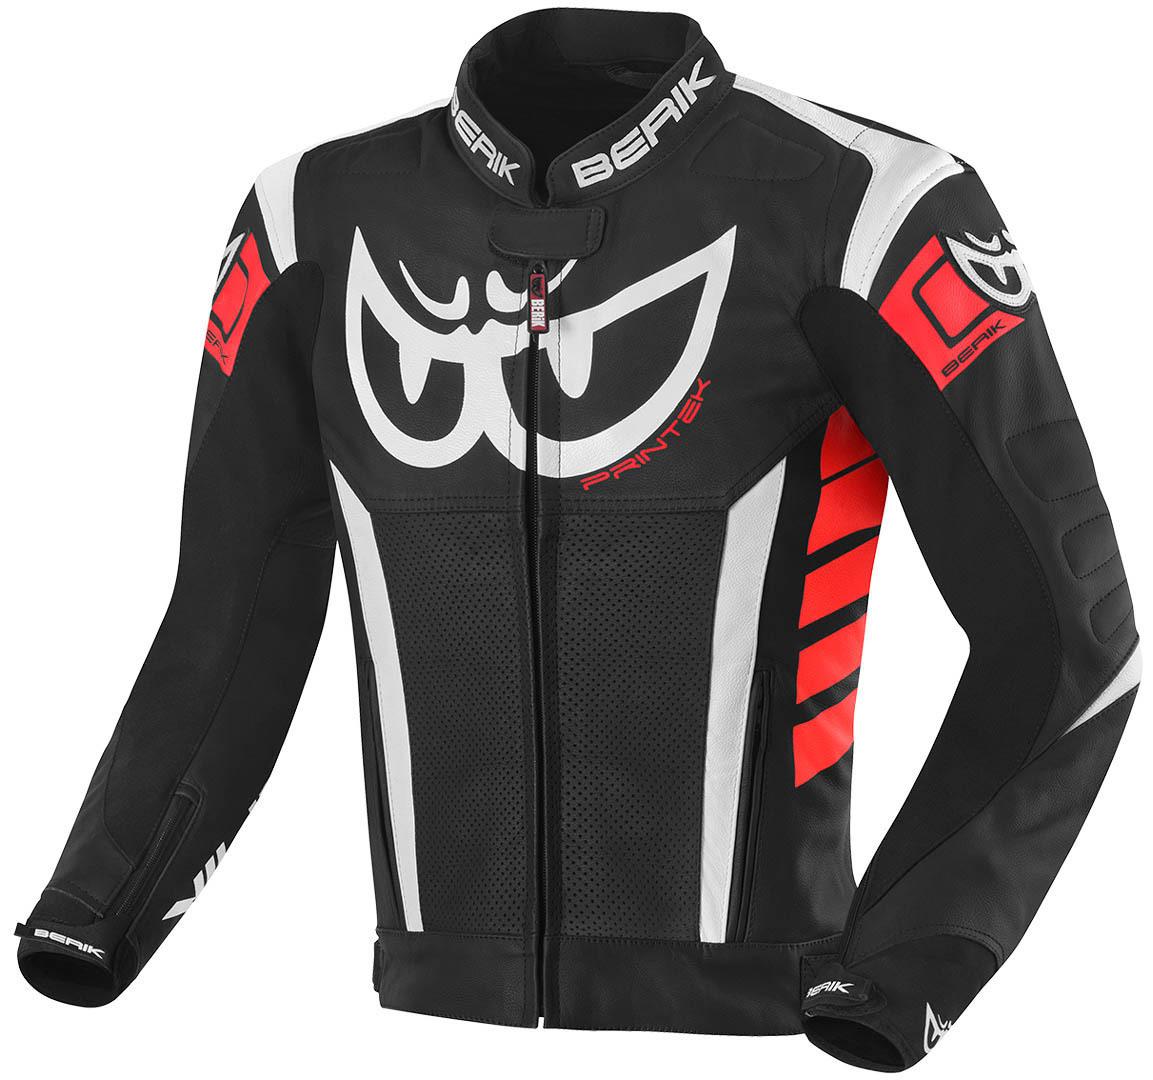 Berik Zakura Motorrad Lederjacke, schwarz-weiss-rot, Größe 54, schwarz-weiss-rot, Größe 54